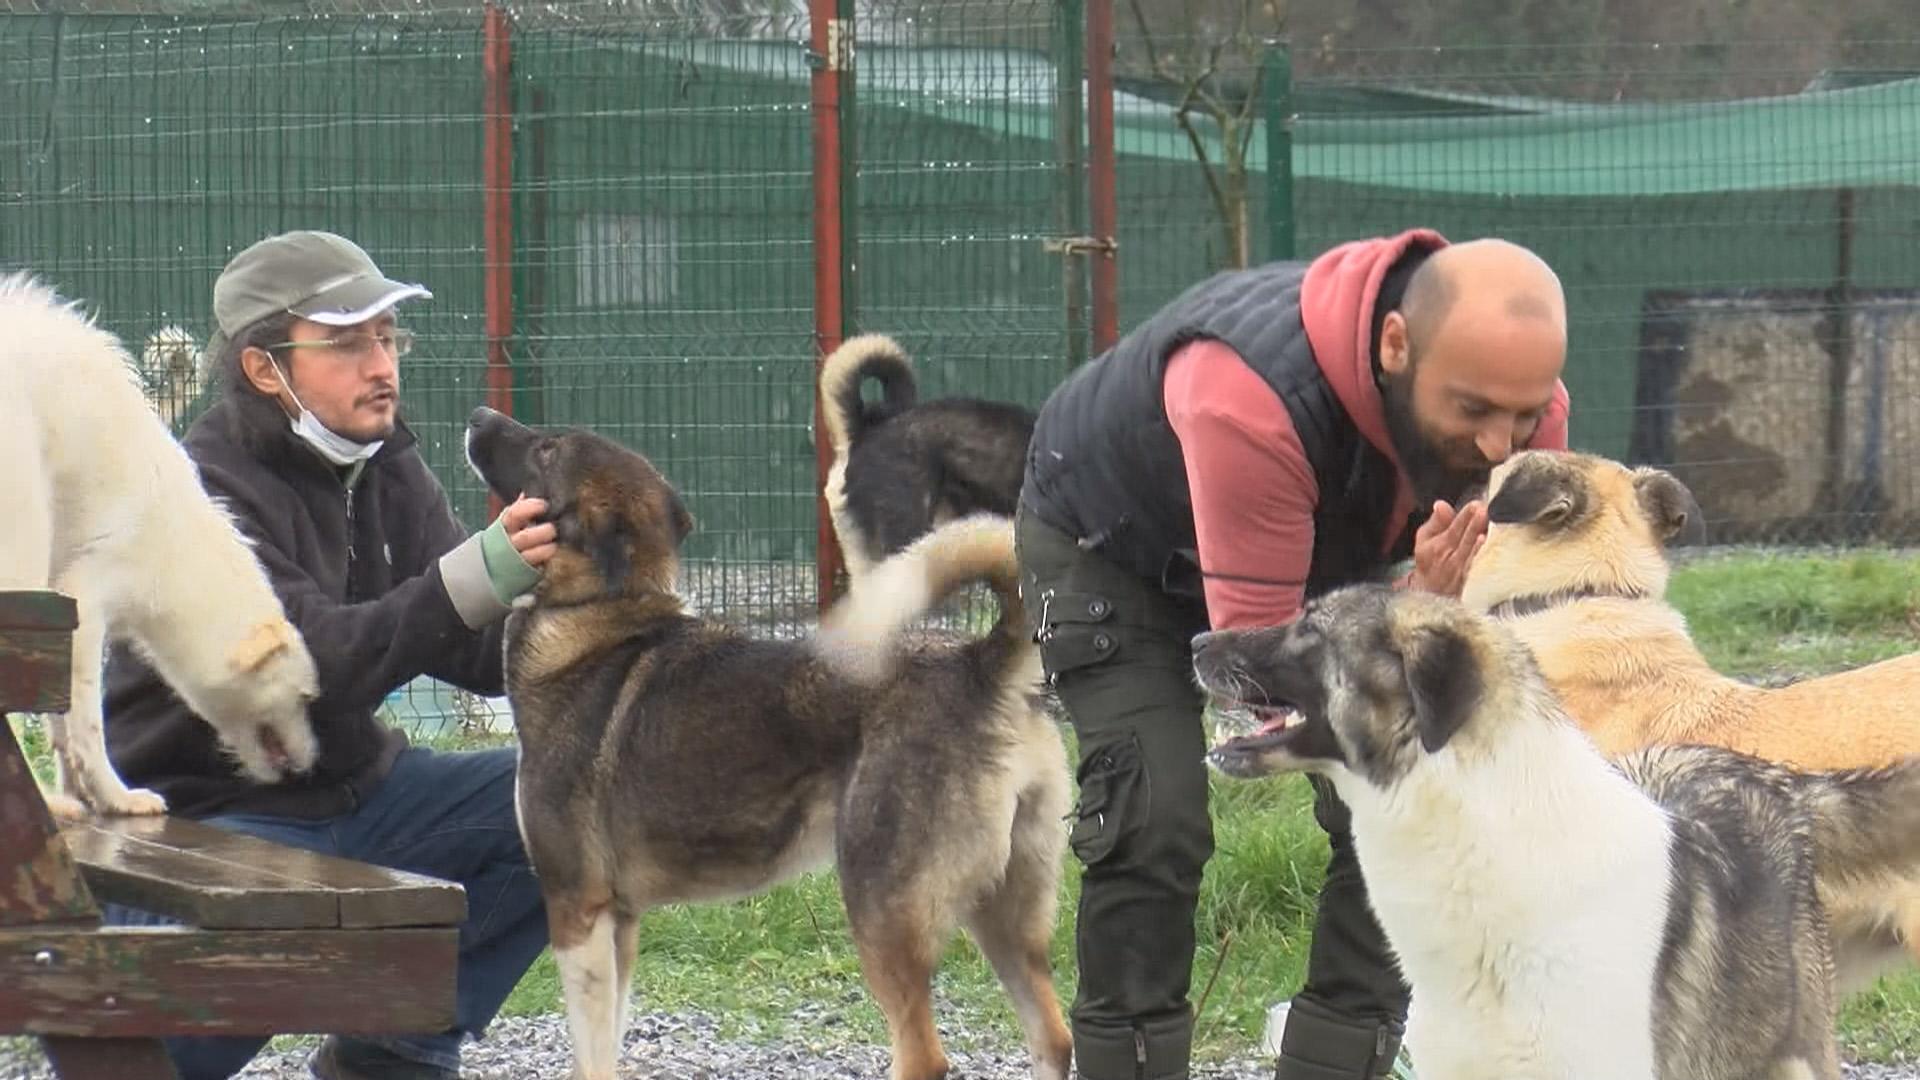 Barınaklardaki köpek sayısı pandemide arttı